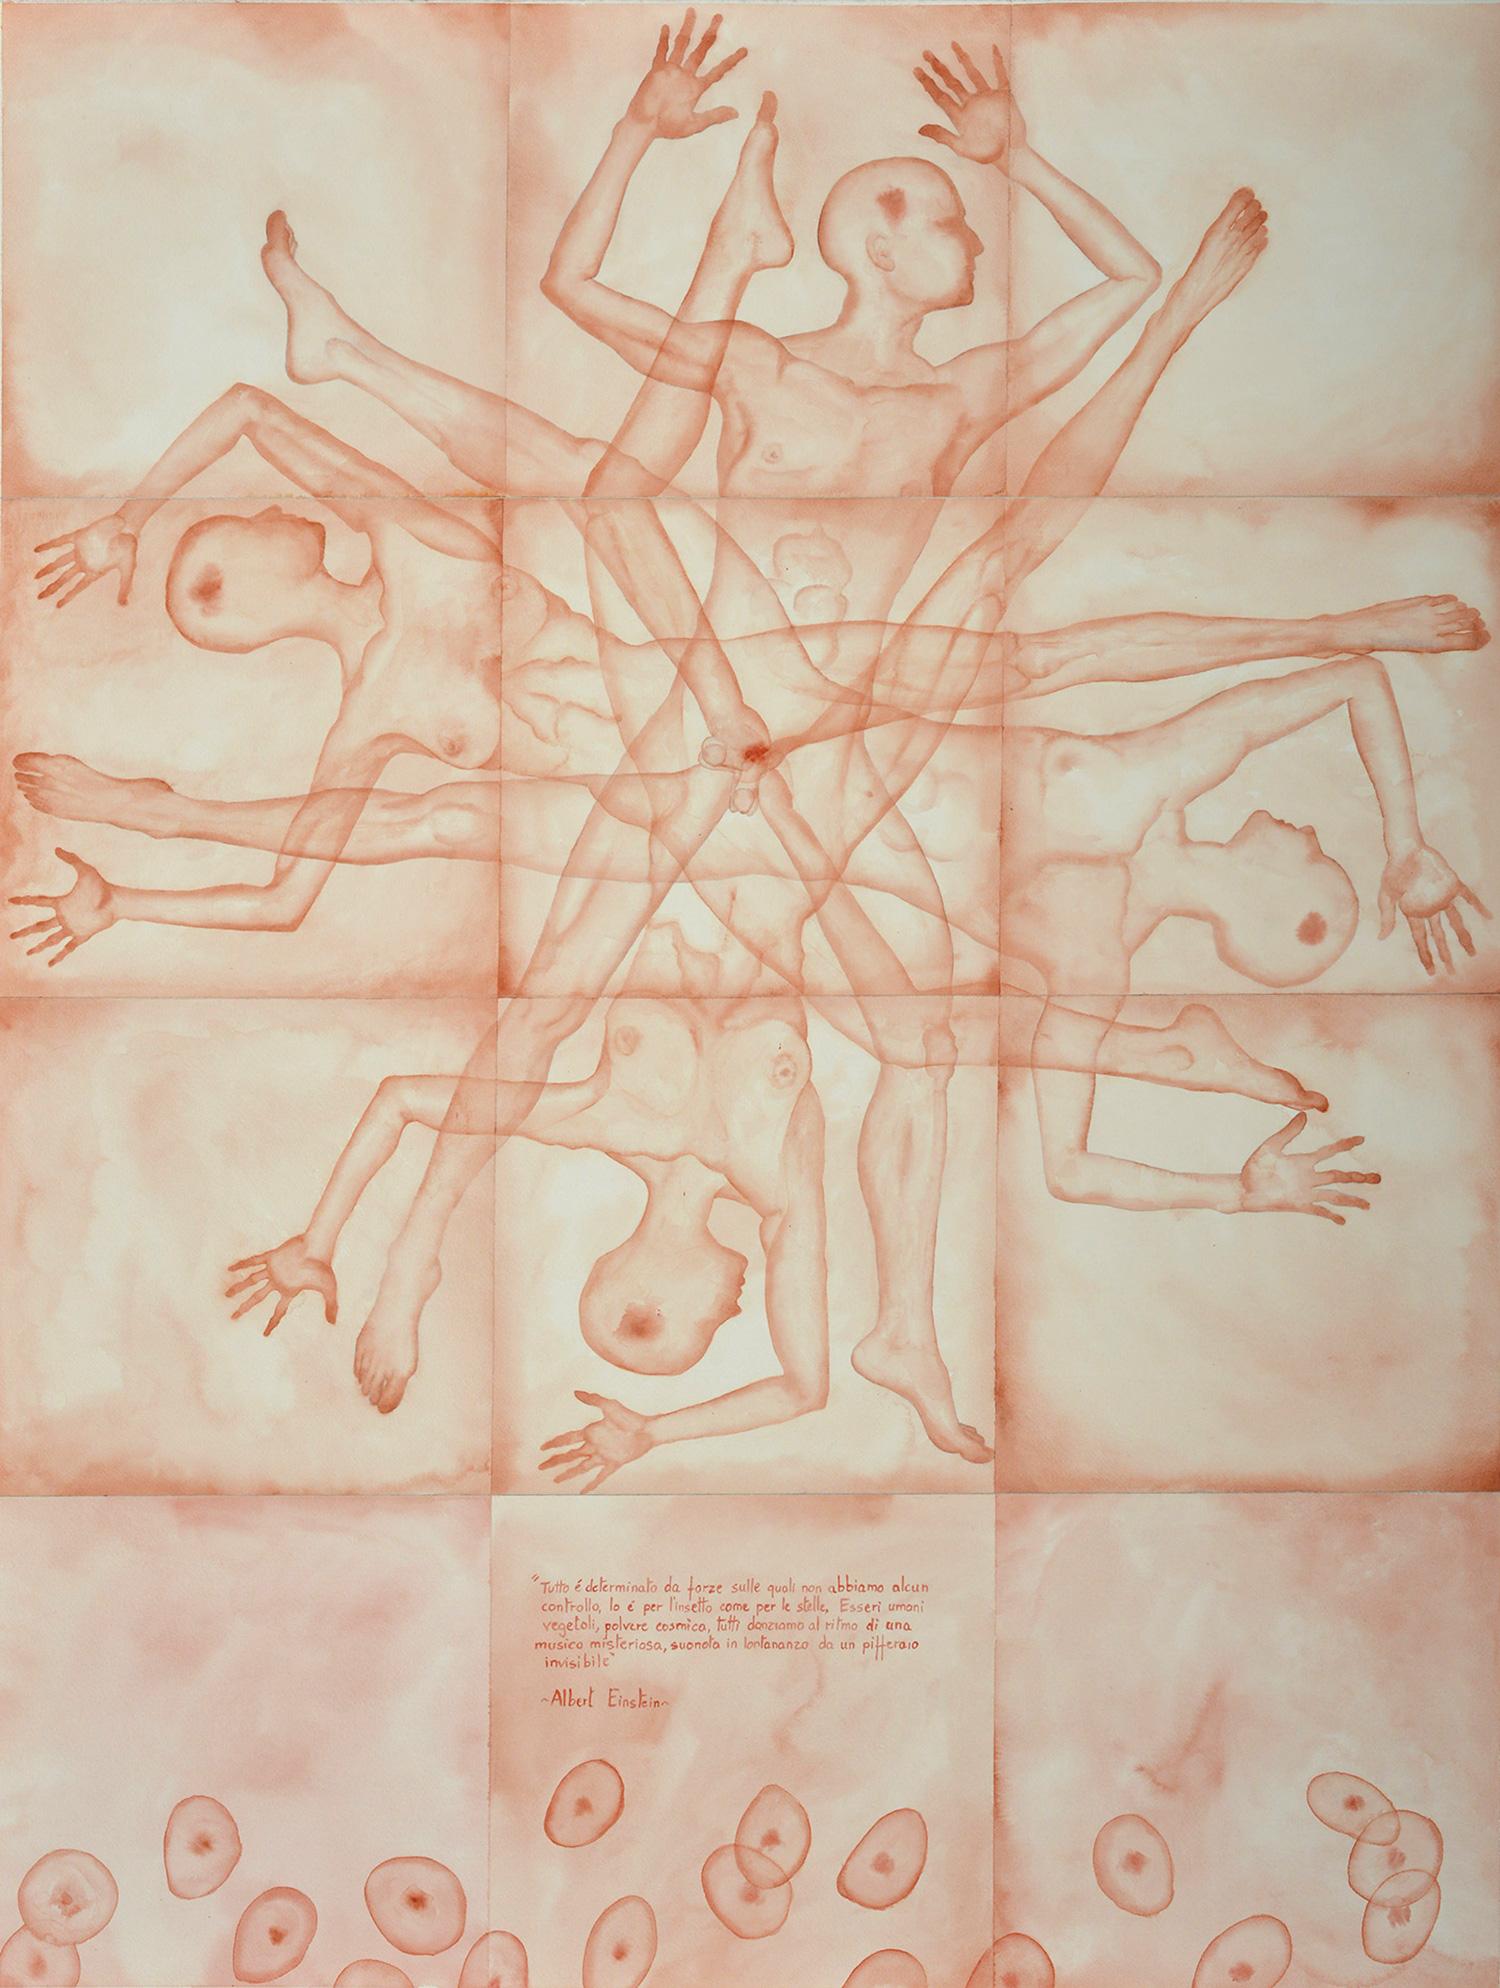 Stefano Bonzano, Forze emotive 02, acquerello su carta applicato su due pannelli, 2019.